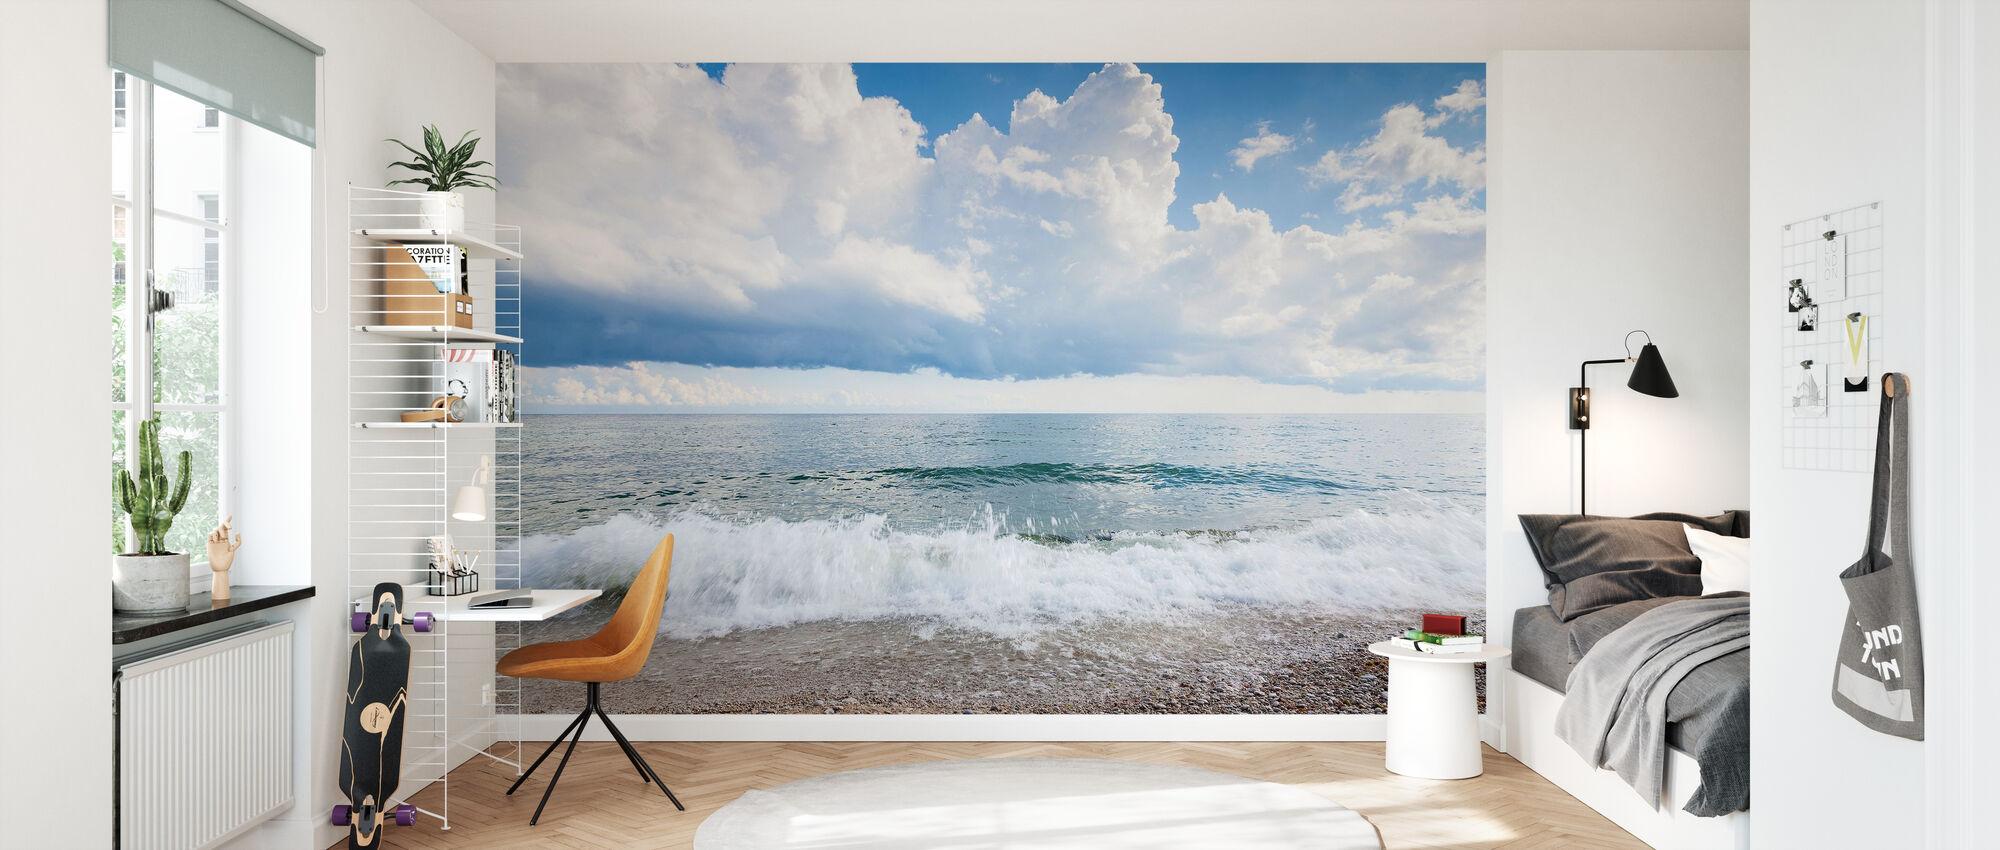 White Waves - Wallpaper - Kids Room